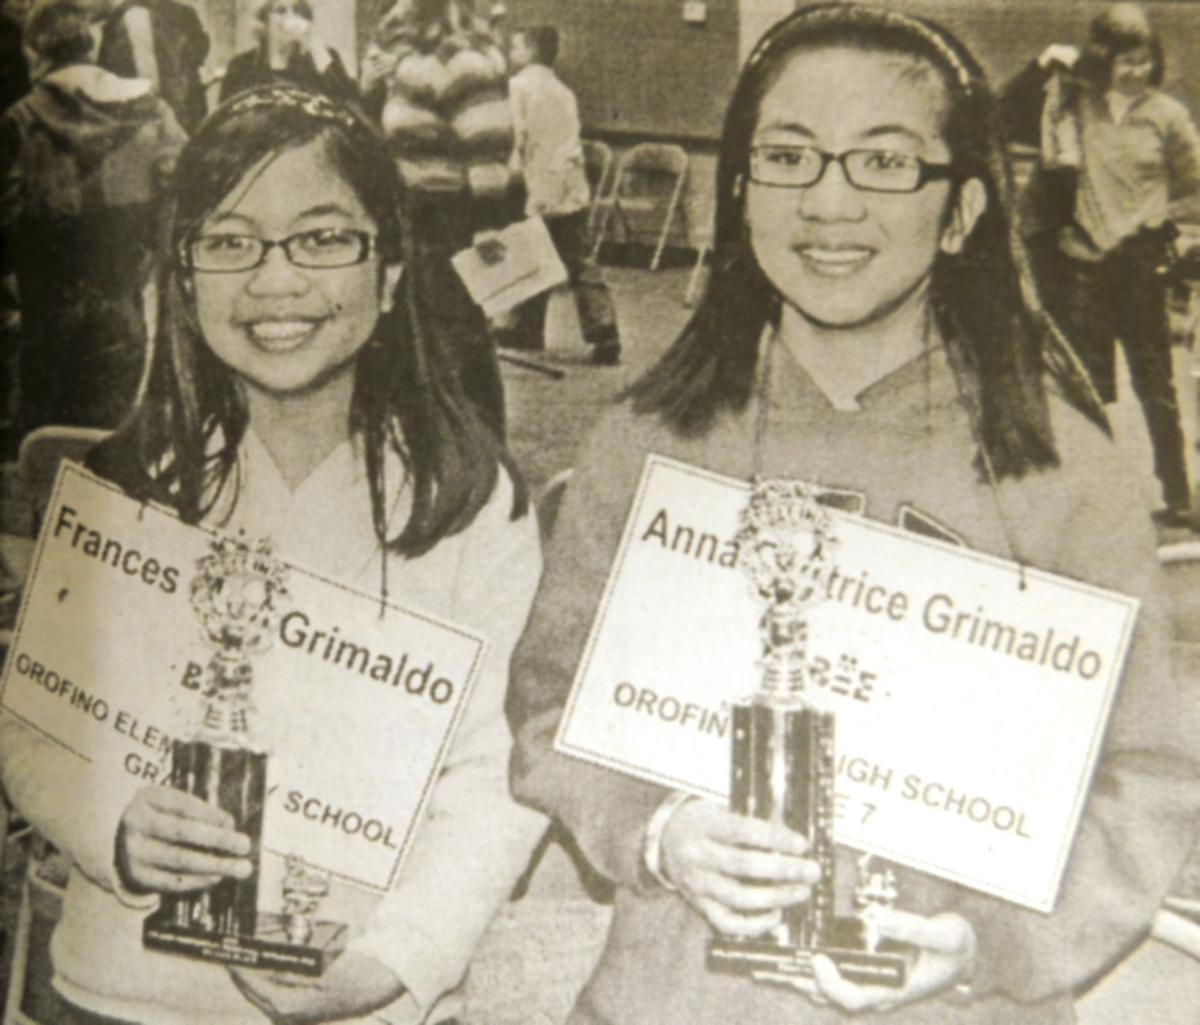 Down Memory Lane - Grimaldo girls